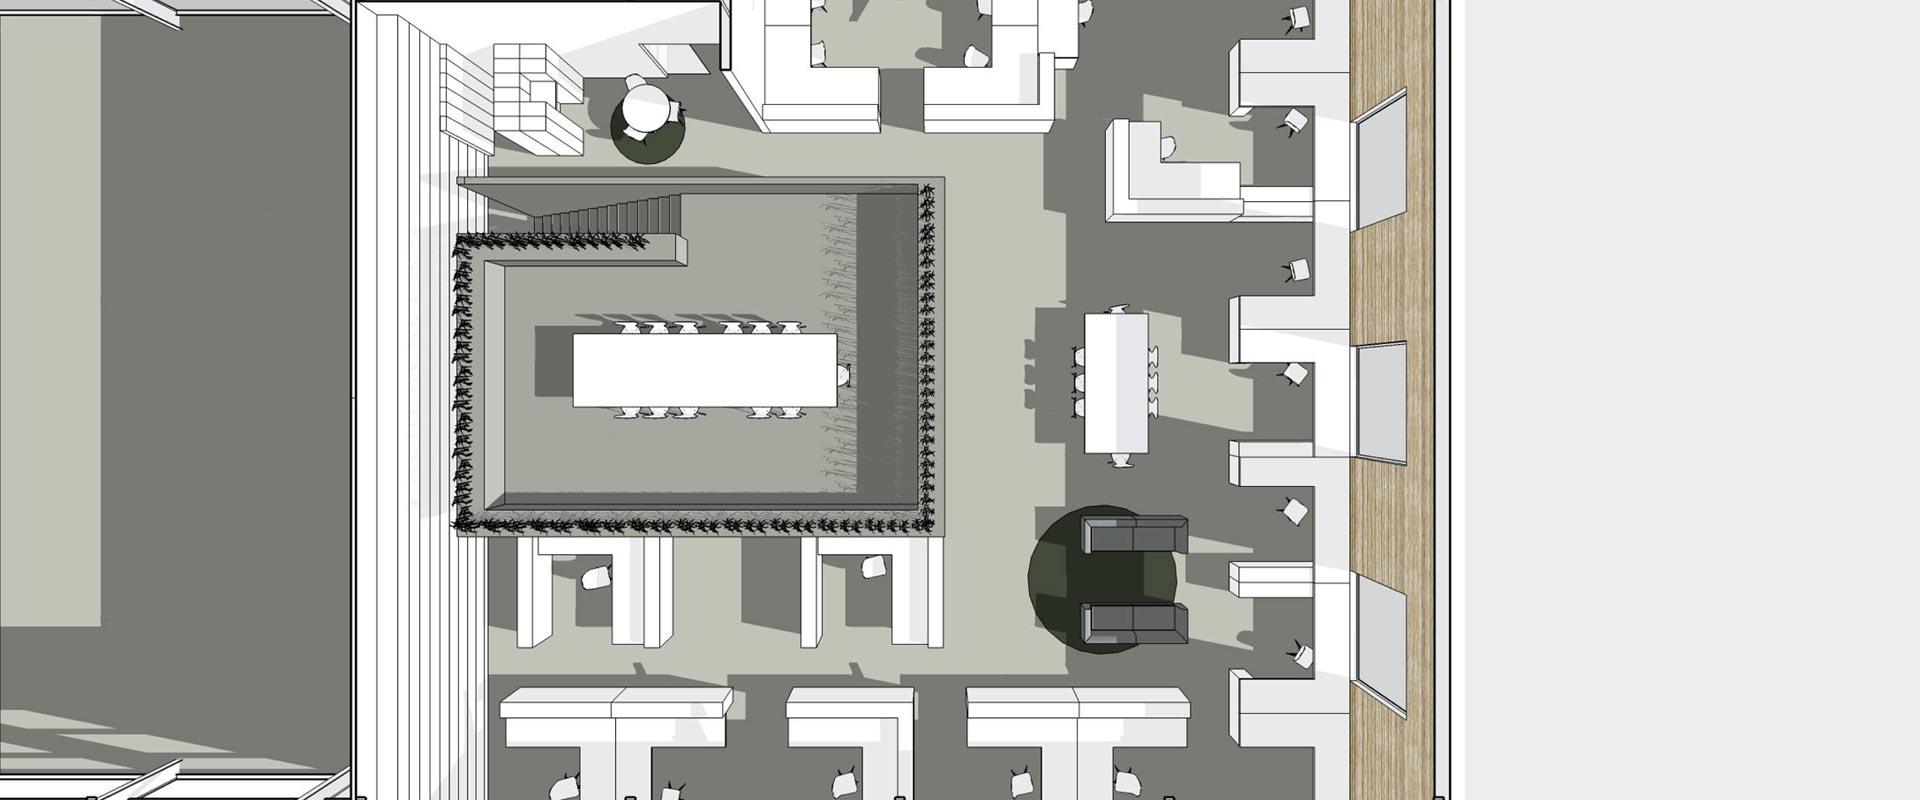 architekturbuero_henning_musahl_vogt05